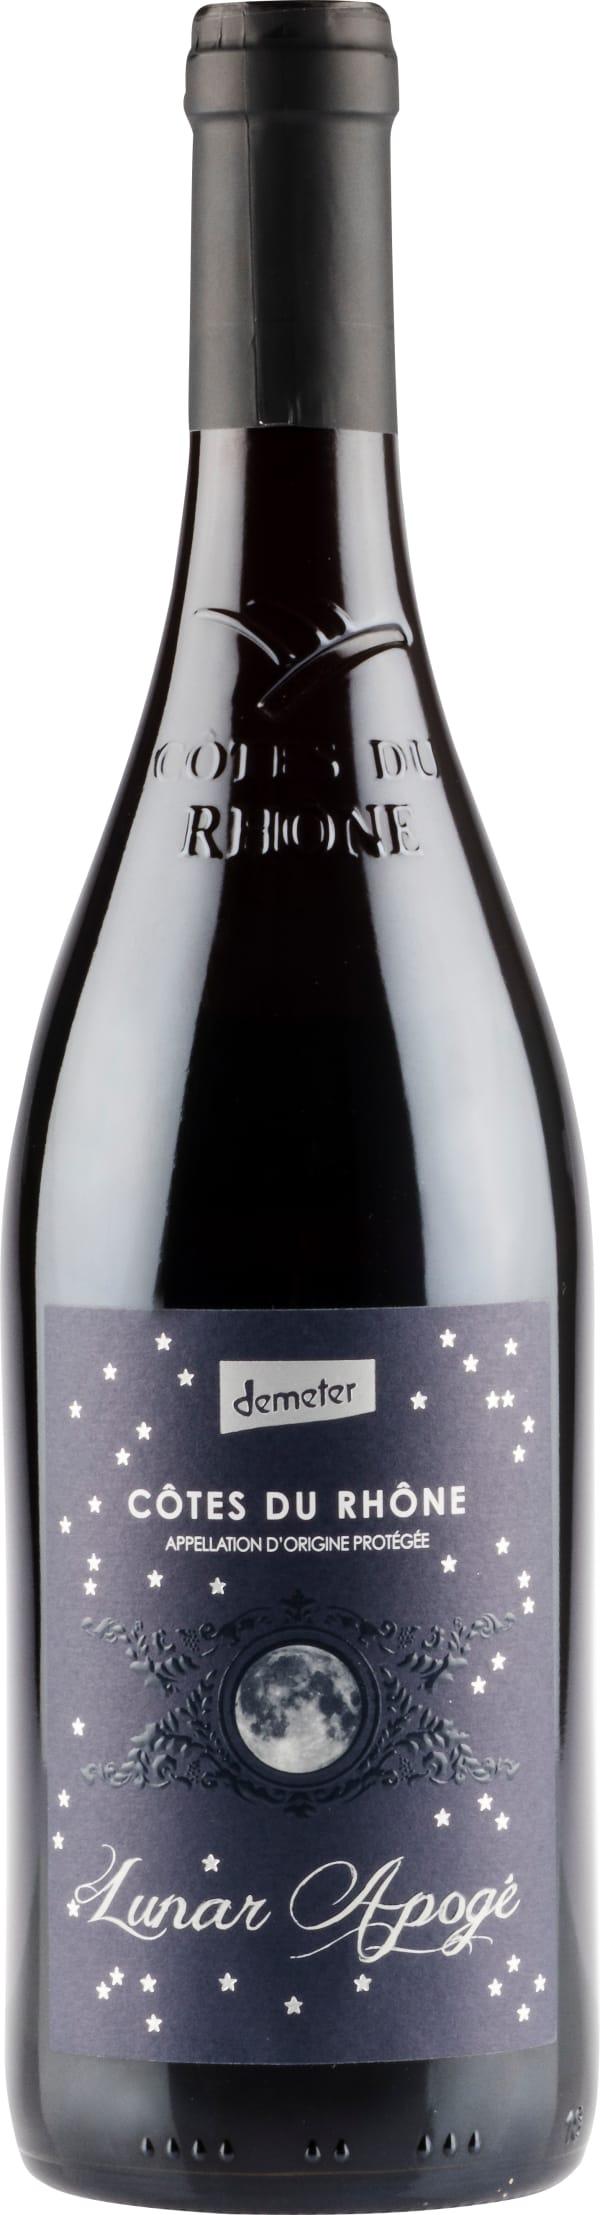 Lunar Apogé Côtes du Rhône 2016